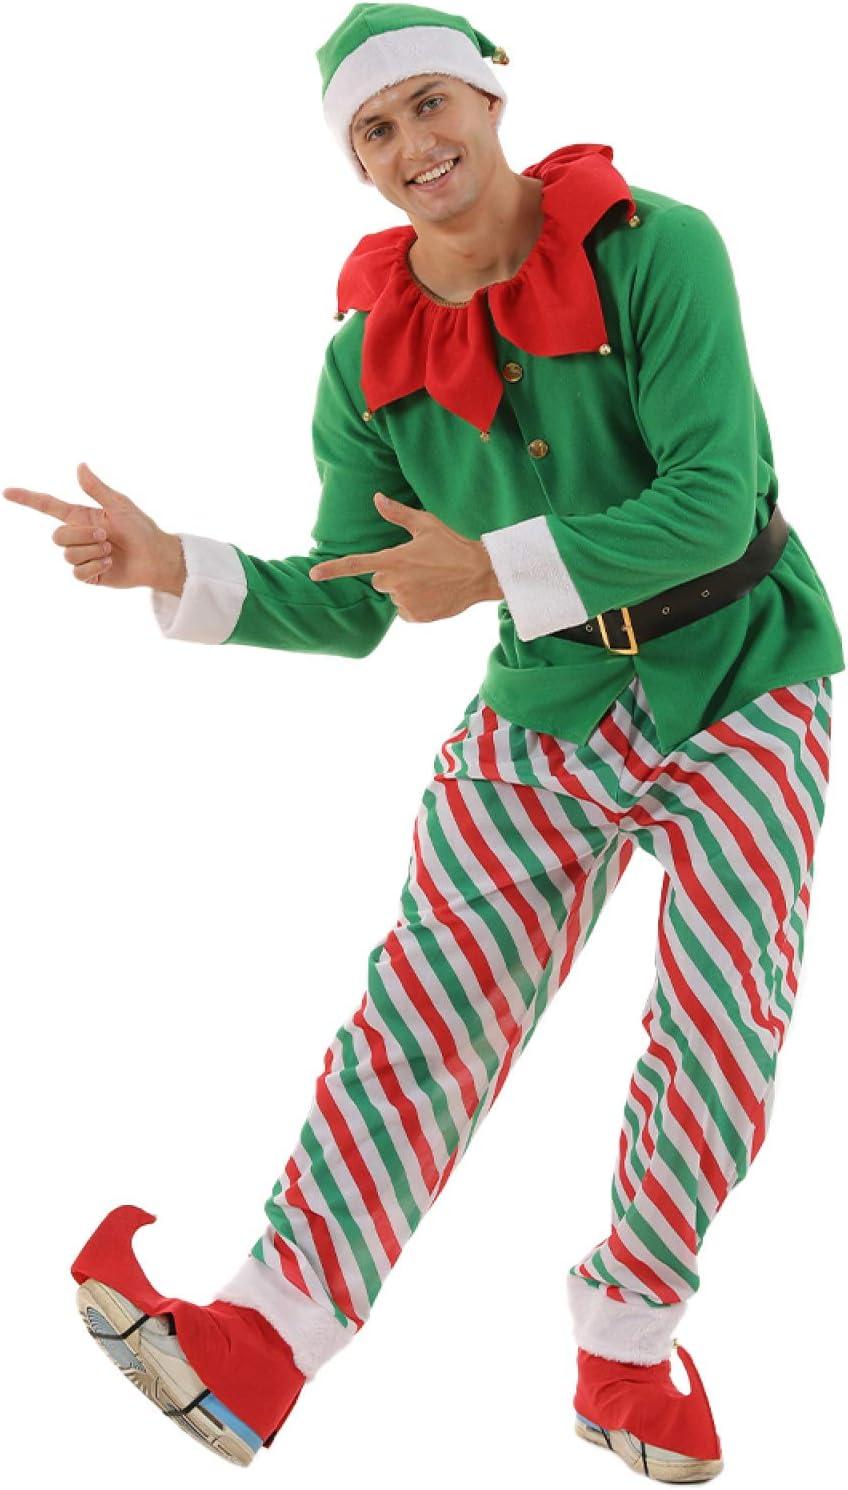 Disfraces De Papá Noel,Traje De Navidad 2020 Año Nuevo Navidad Elfos Traje Para Hombres Adultos Santa Claus Cosplay Navidad Fiesta Vestido Elegante Sombrero Para Año Nuevo Traje De Fiesta De Navi